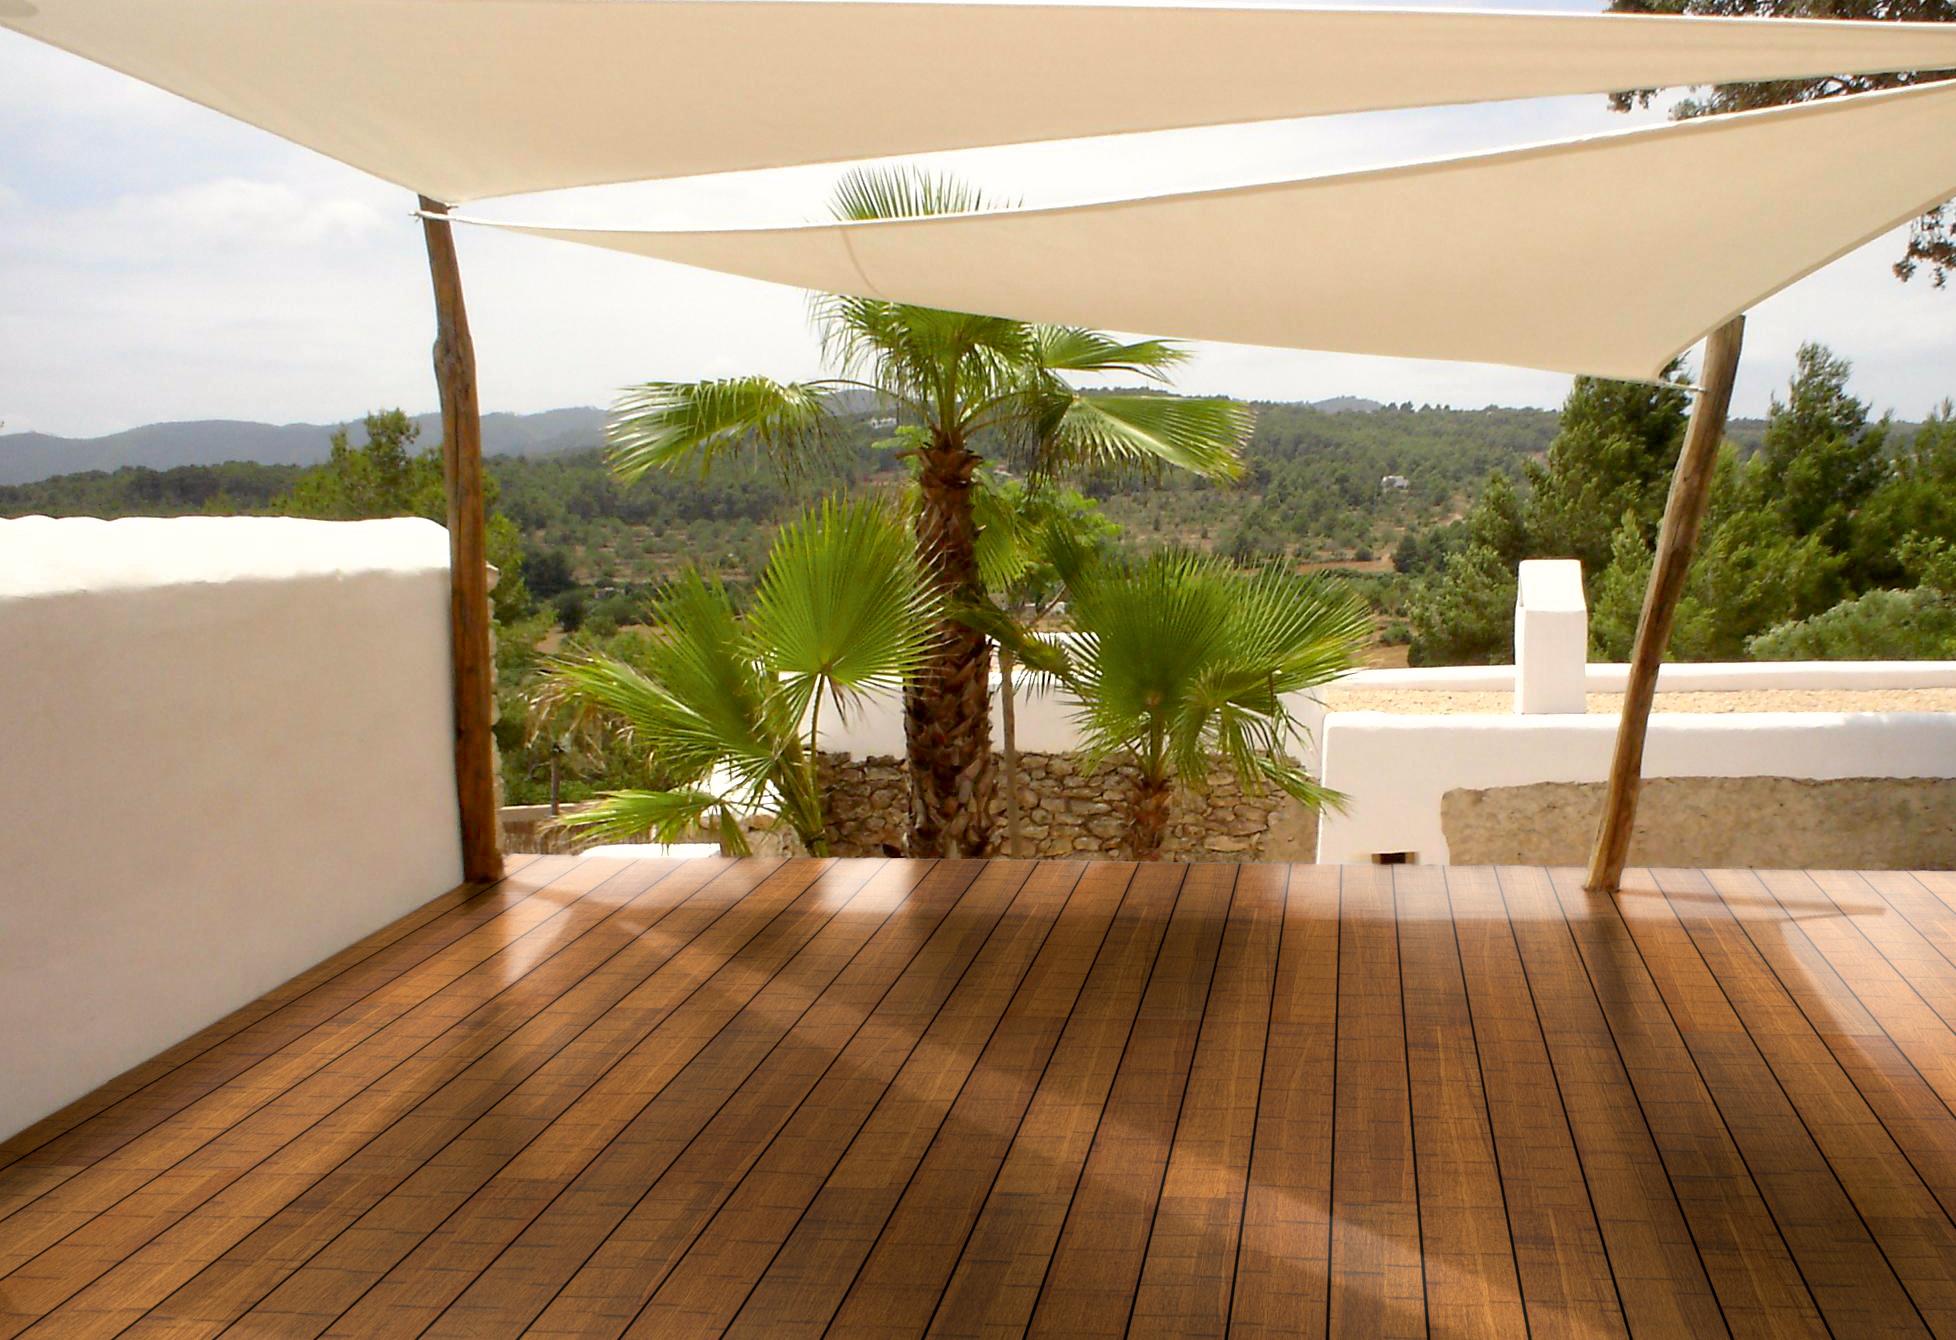 [Paket] CoBAM S Bambus Terrassendielen Komplettset